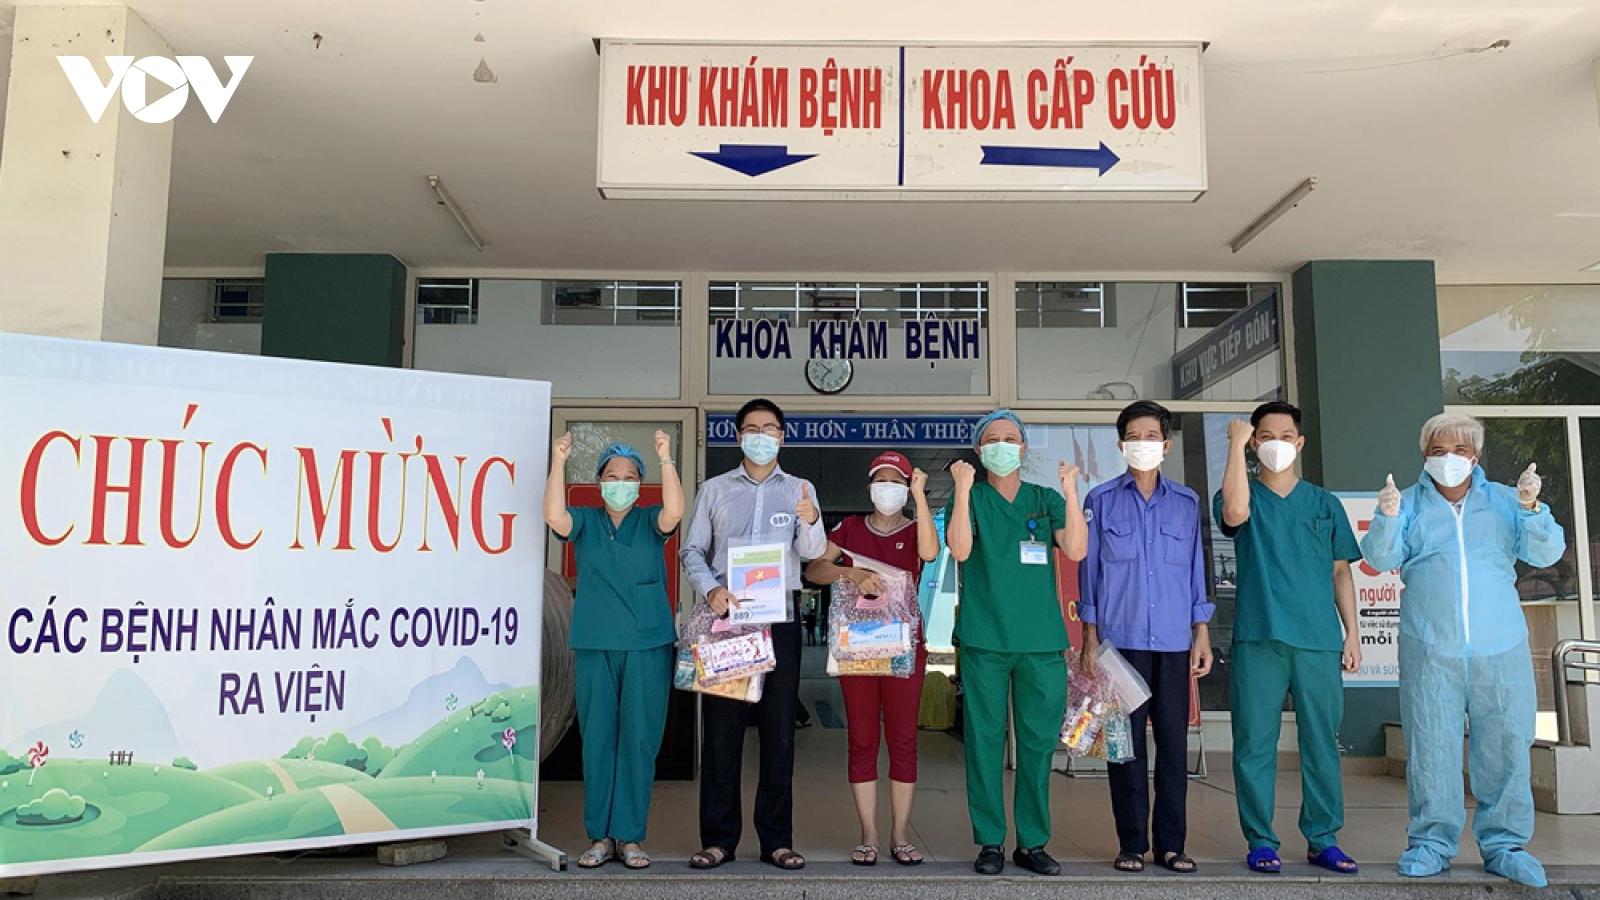 Bệnh nhân khỏi Covid-19 ở Đà Nẵngmong muốn hiến huyết tương cứu người